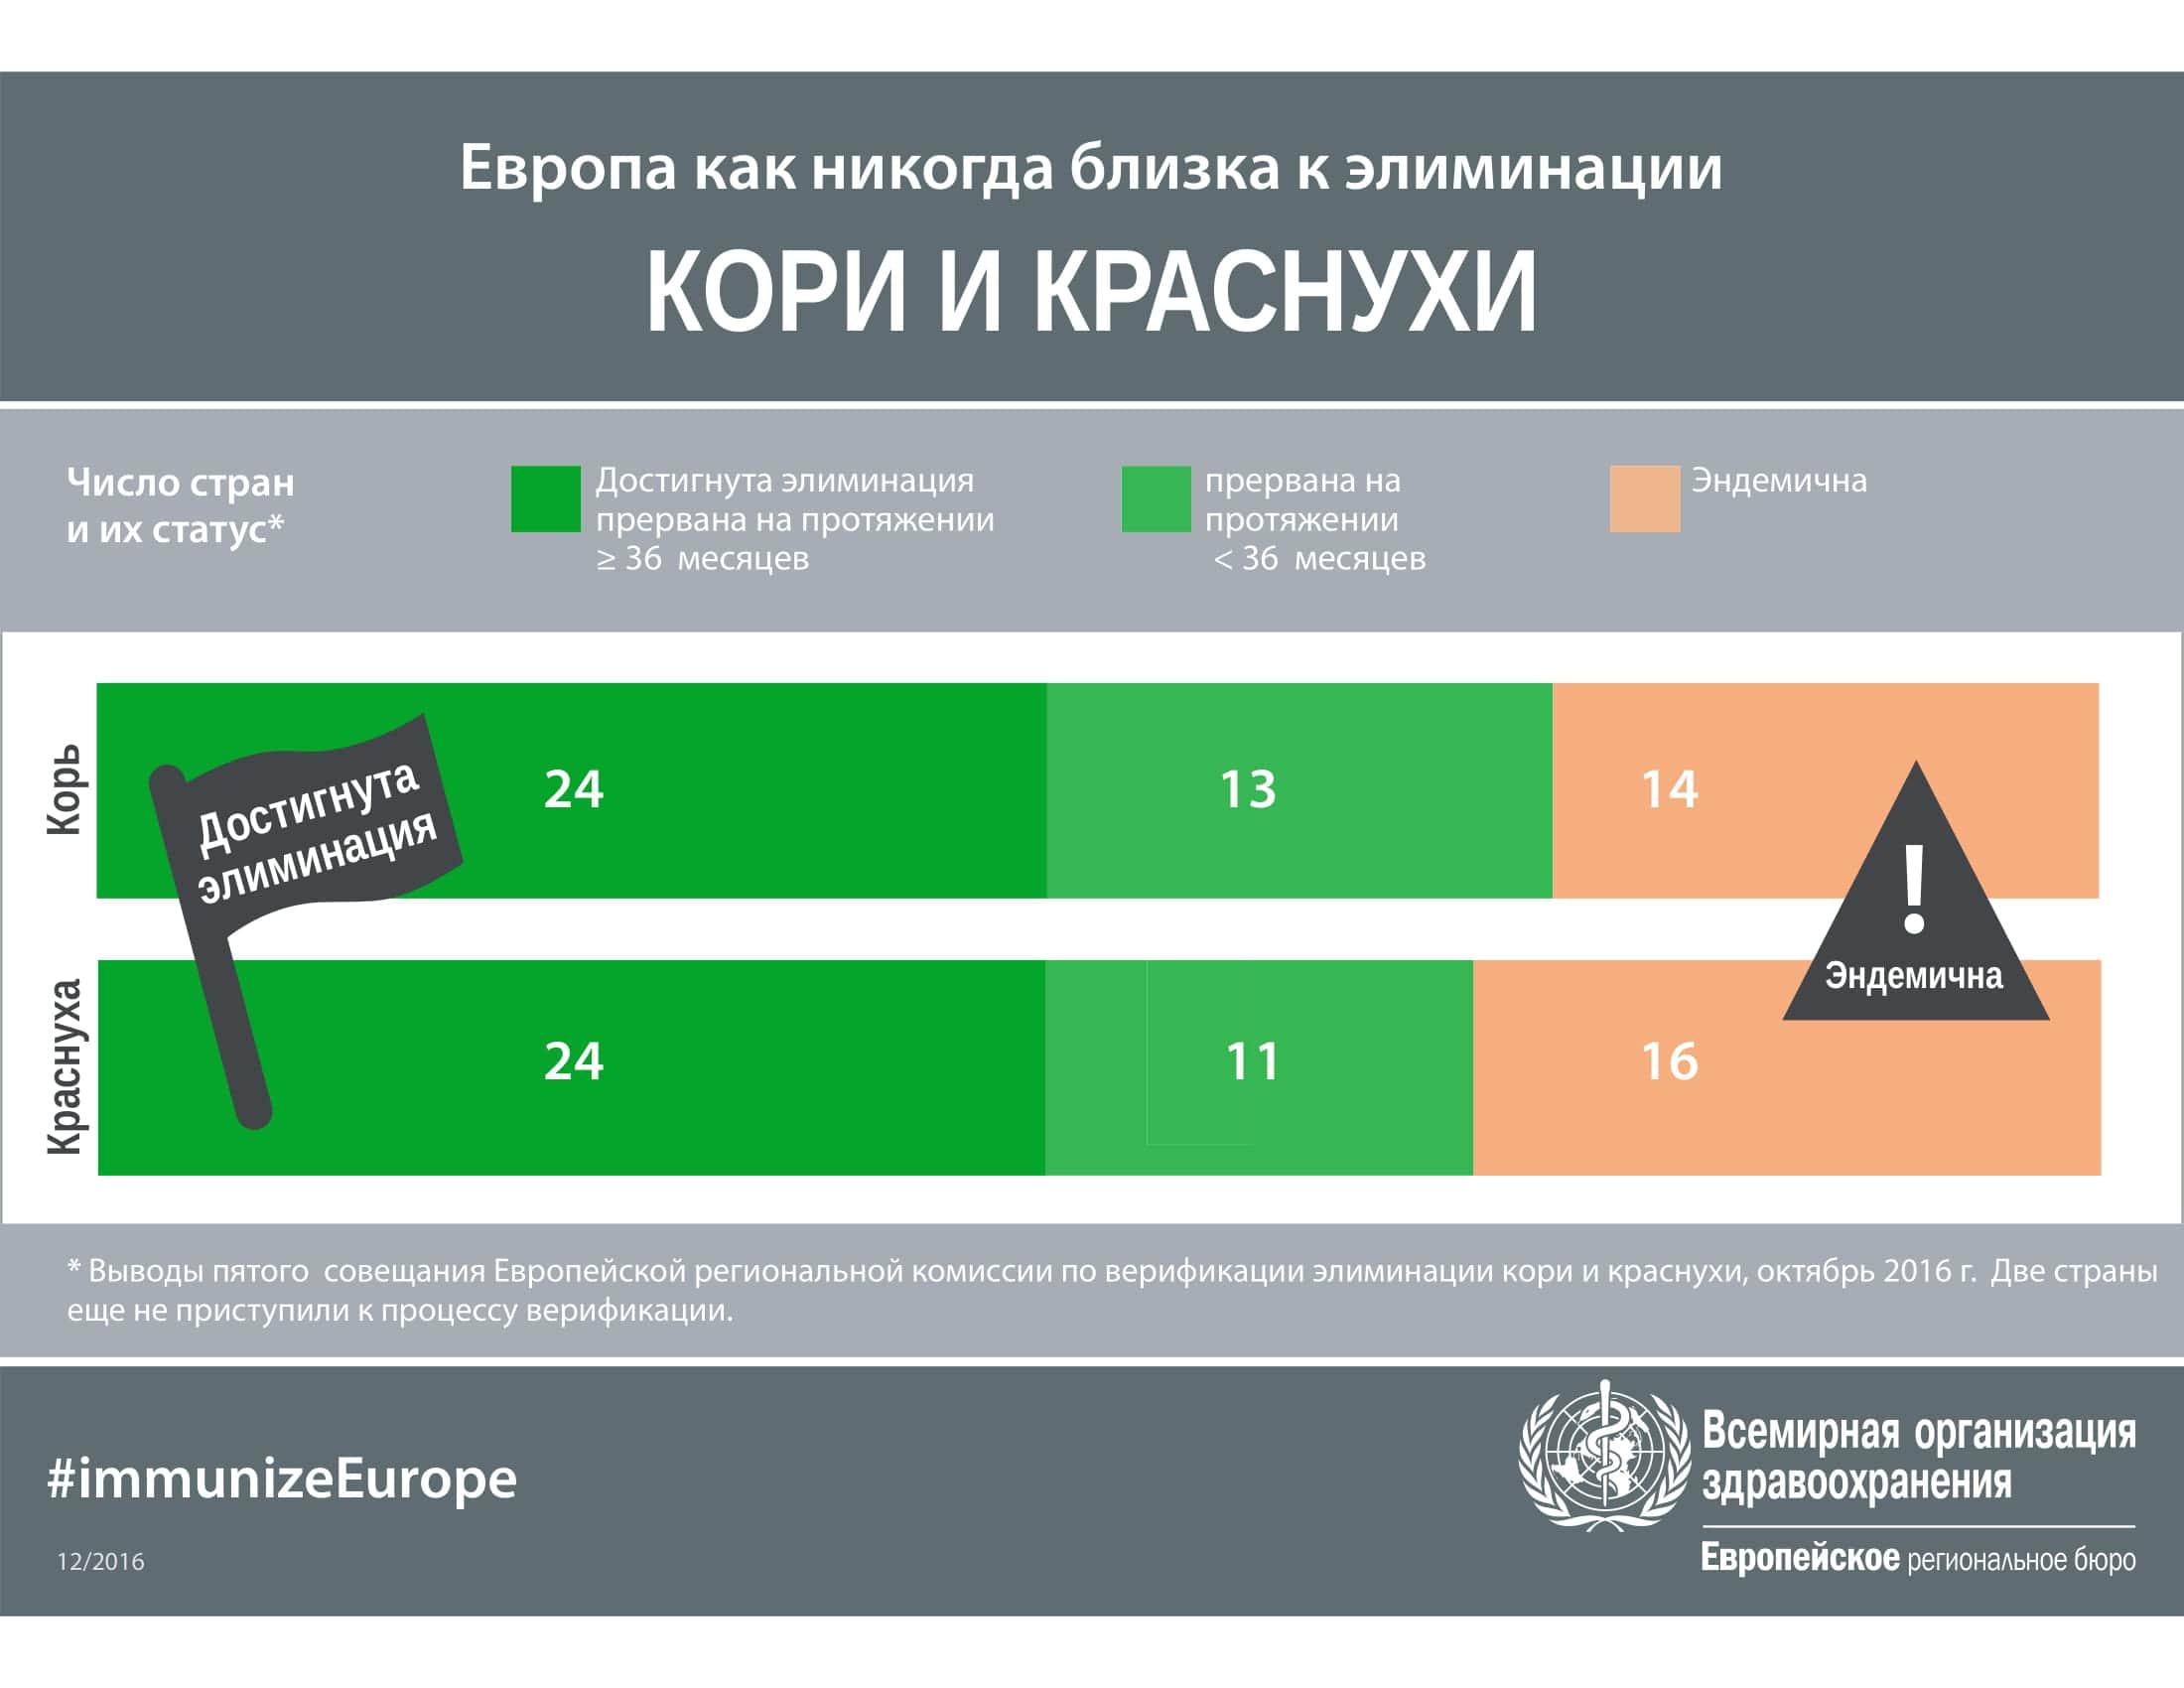 Статус элиминации кори и краснухи в Европейском регионе ВОЗ